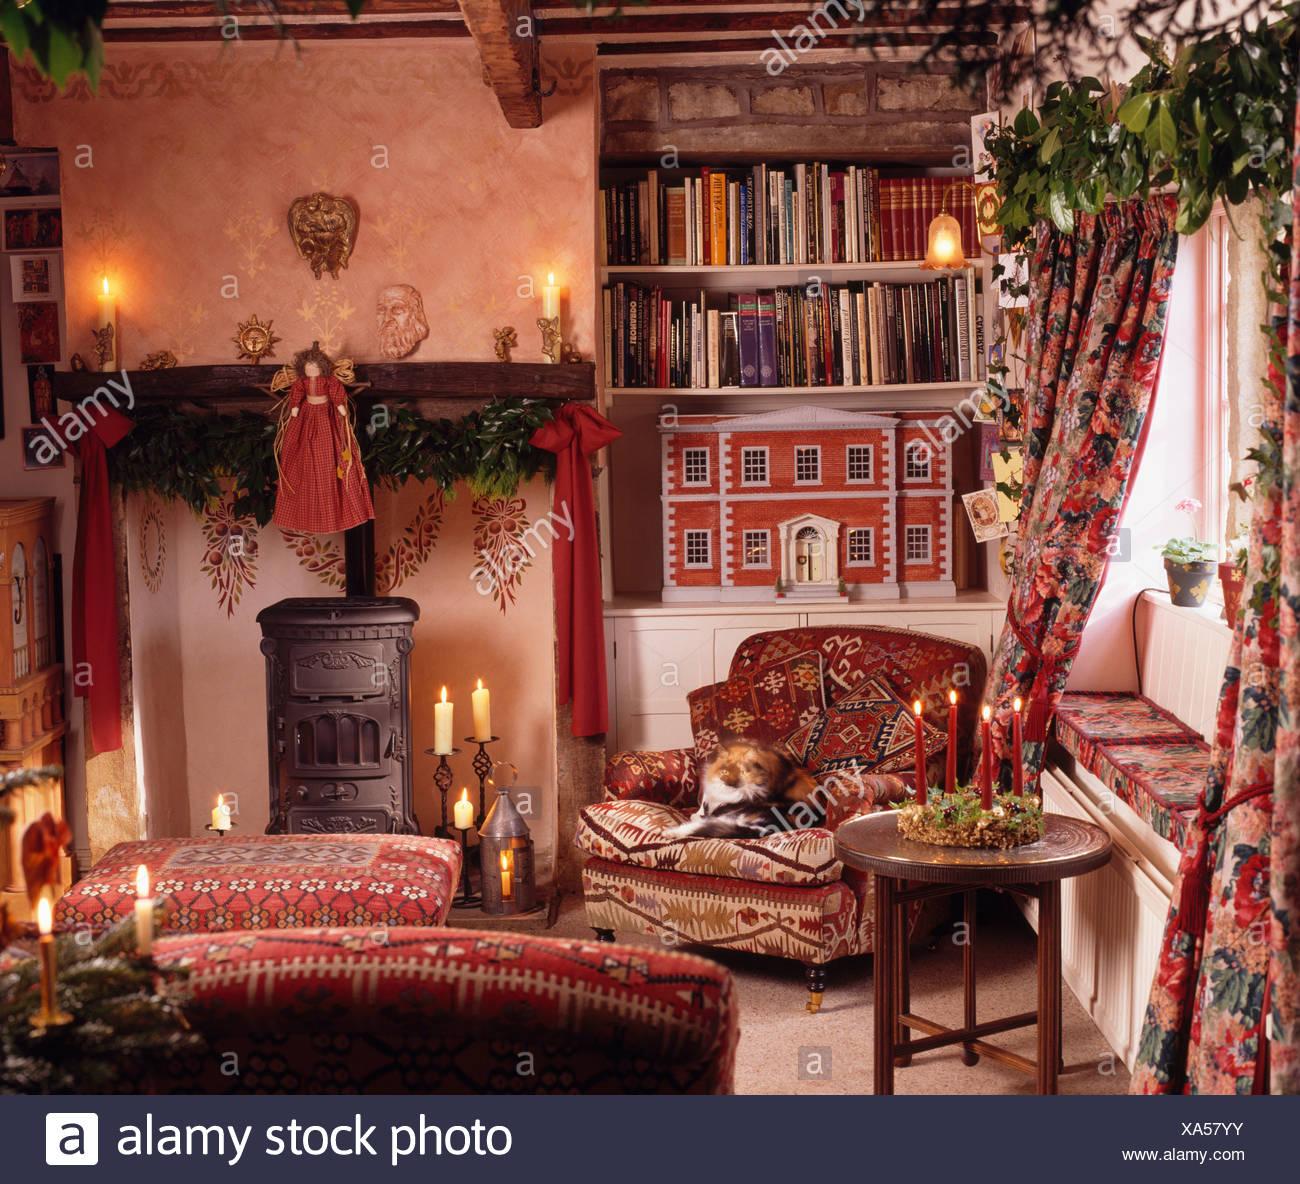 Rot Puppenhaus In Alkoven Regalen Neben Schwarz Ofen Im Wohnzimmer  Gemütliche Hütte Für Weihnachten Dekoriert Und Mit Kerzen Beleuchtet